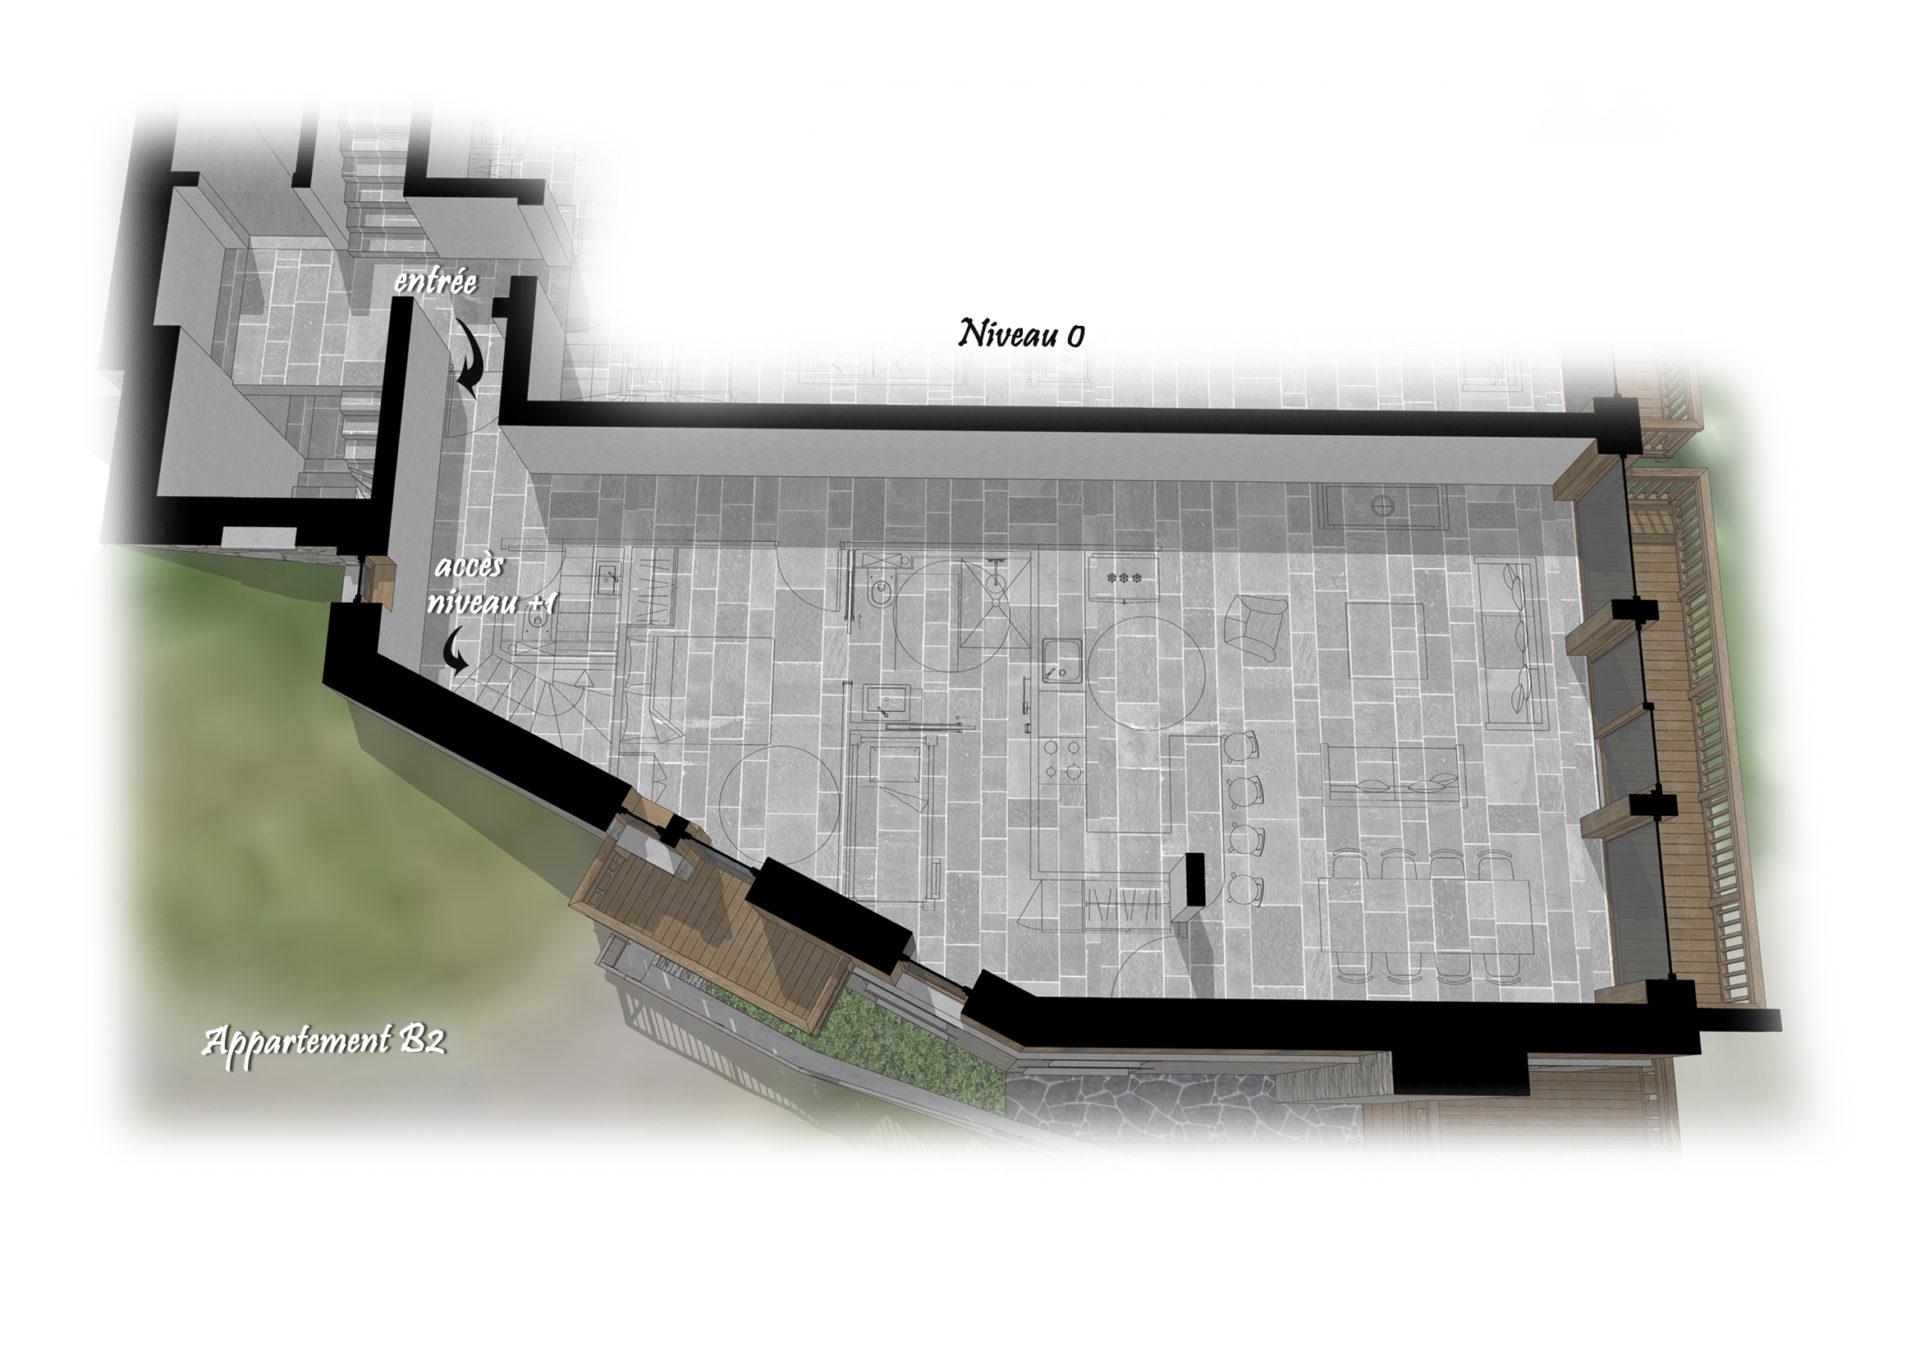 Les Chalets du Cheval Noir - Appartement B2 - Niveau 0 Saint Martin de Belleville Savoie France